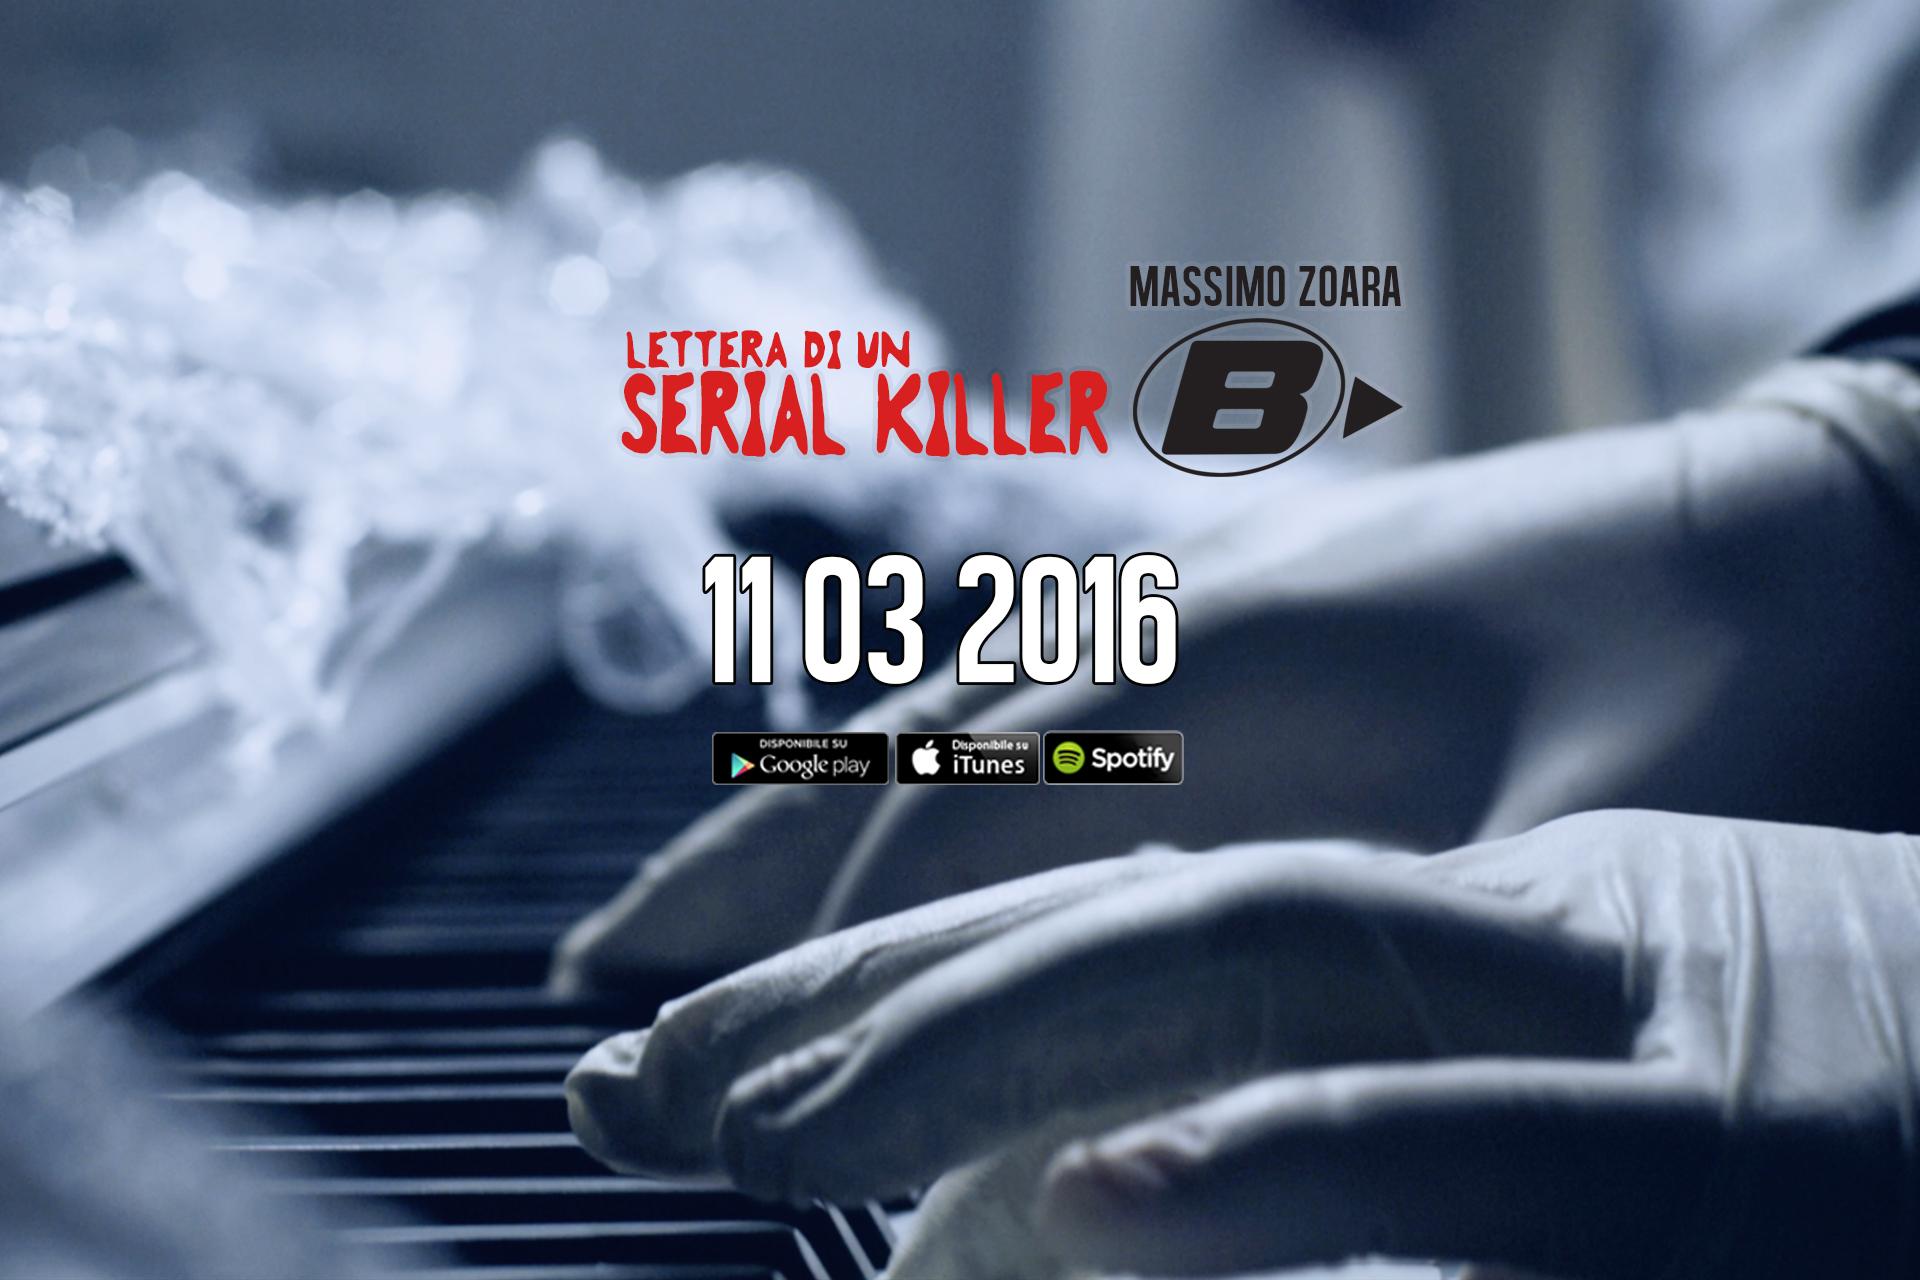 Lettera di un serial killer